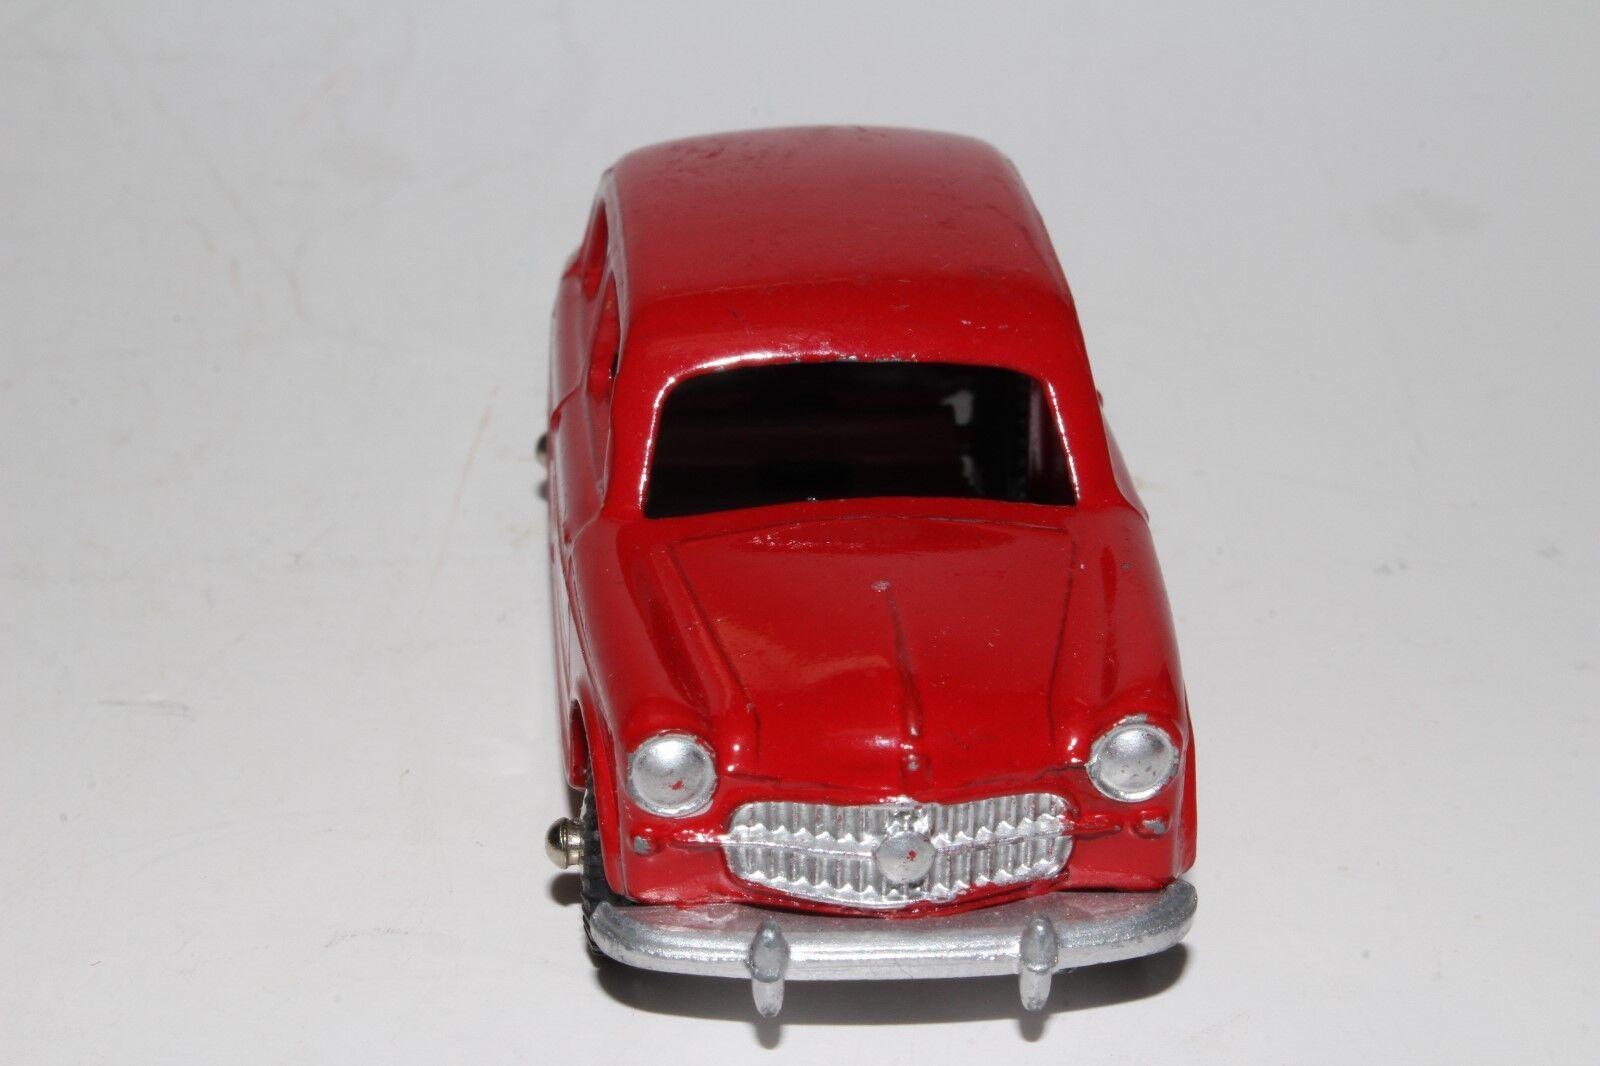 MERCURY 1958 1958 1958 FIAT NUOVA 1100 SEDAN, RED, ORIGINAL 323862